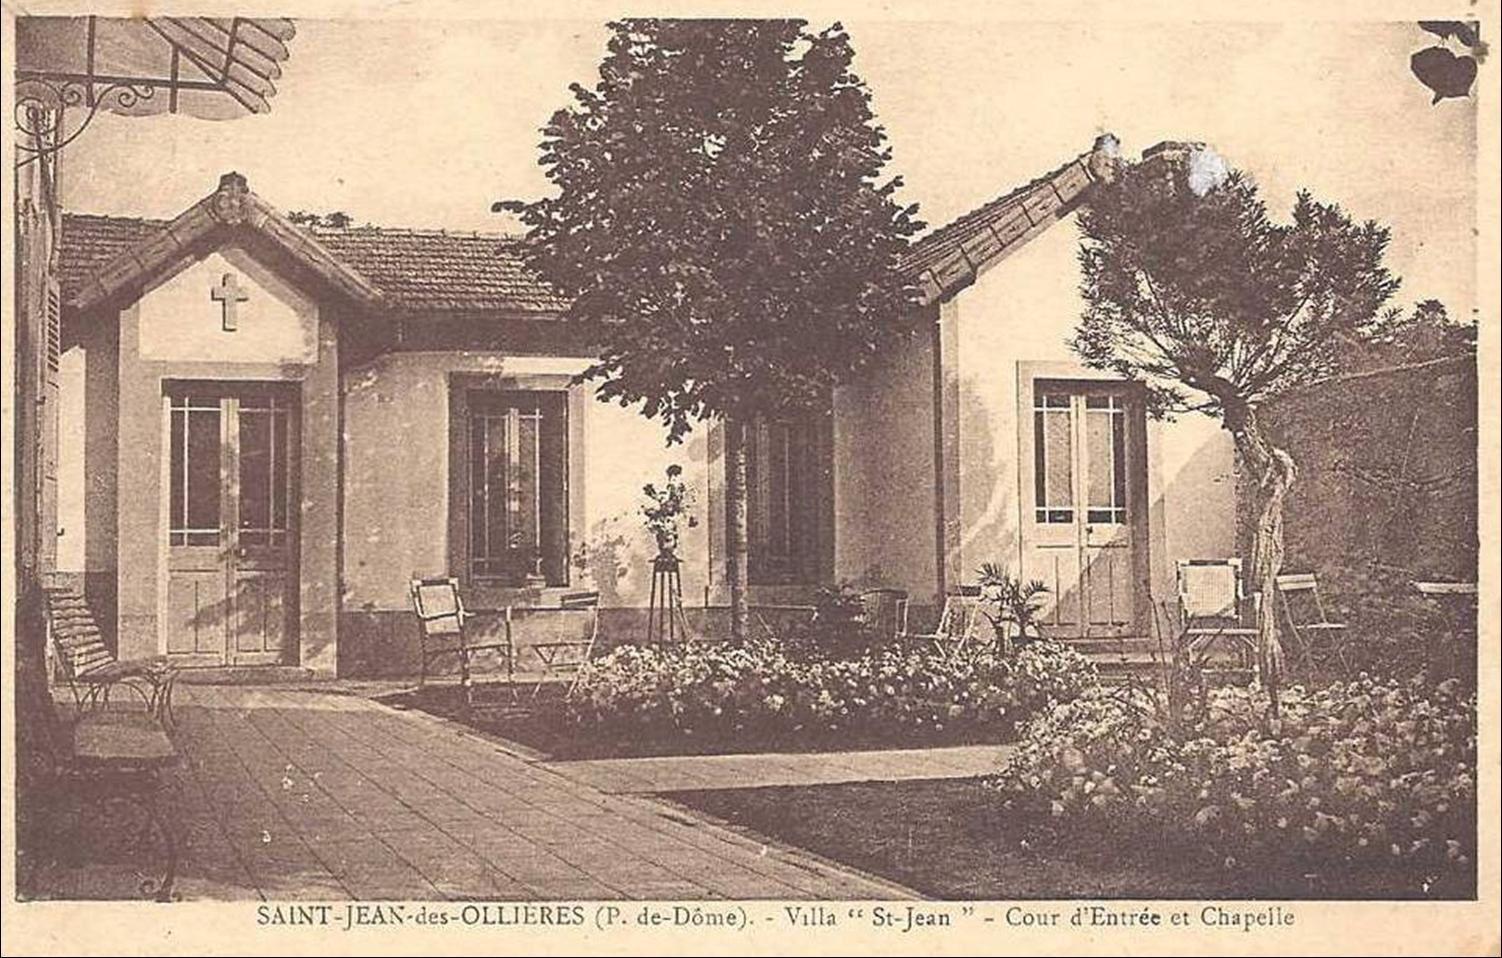 Les villages du Puy de Dome:St jean des ollières